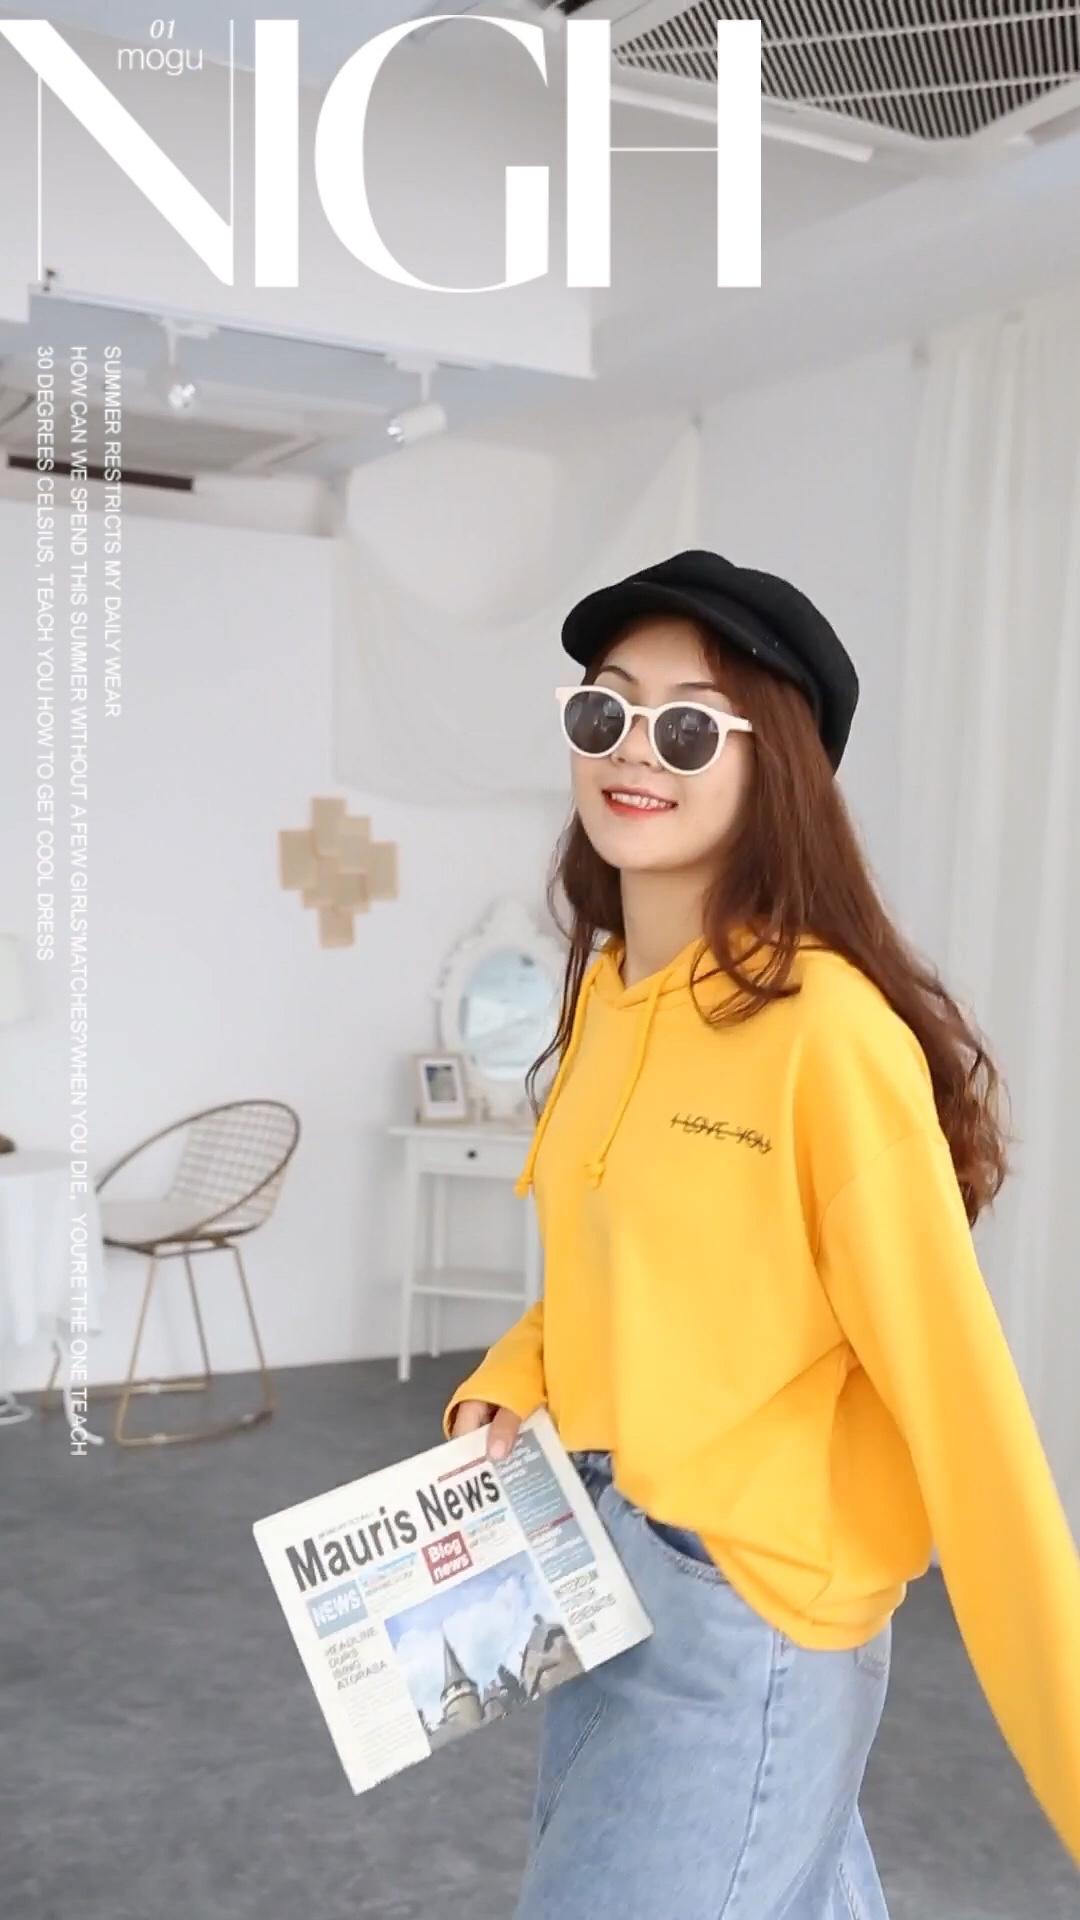 Janna的日常穿搭| 更新秋款搭配,连帽宽松卫衣是我们都很喜欢的类型,秋天不要沉闷,黄色系依旧可以GET起来,一款回头率很高,又敲击可爱的卫衣呀 连帽的设计简约而百搭轻松勾走魂儿的节奏 棉质的面料亲肤又透气 胸前字母印花的设计,打破了平常的纯色卫衣 宽松的版型适合当做家居服尤其是对于女孩来说 穿脱自如,又能戴上帽子遮盖头发 随意搭配也能显得不一样,BF风的感觉,休闲帅气两不误~#来份活力黄,拯救夏日沉闷#